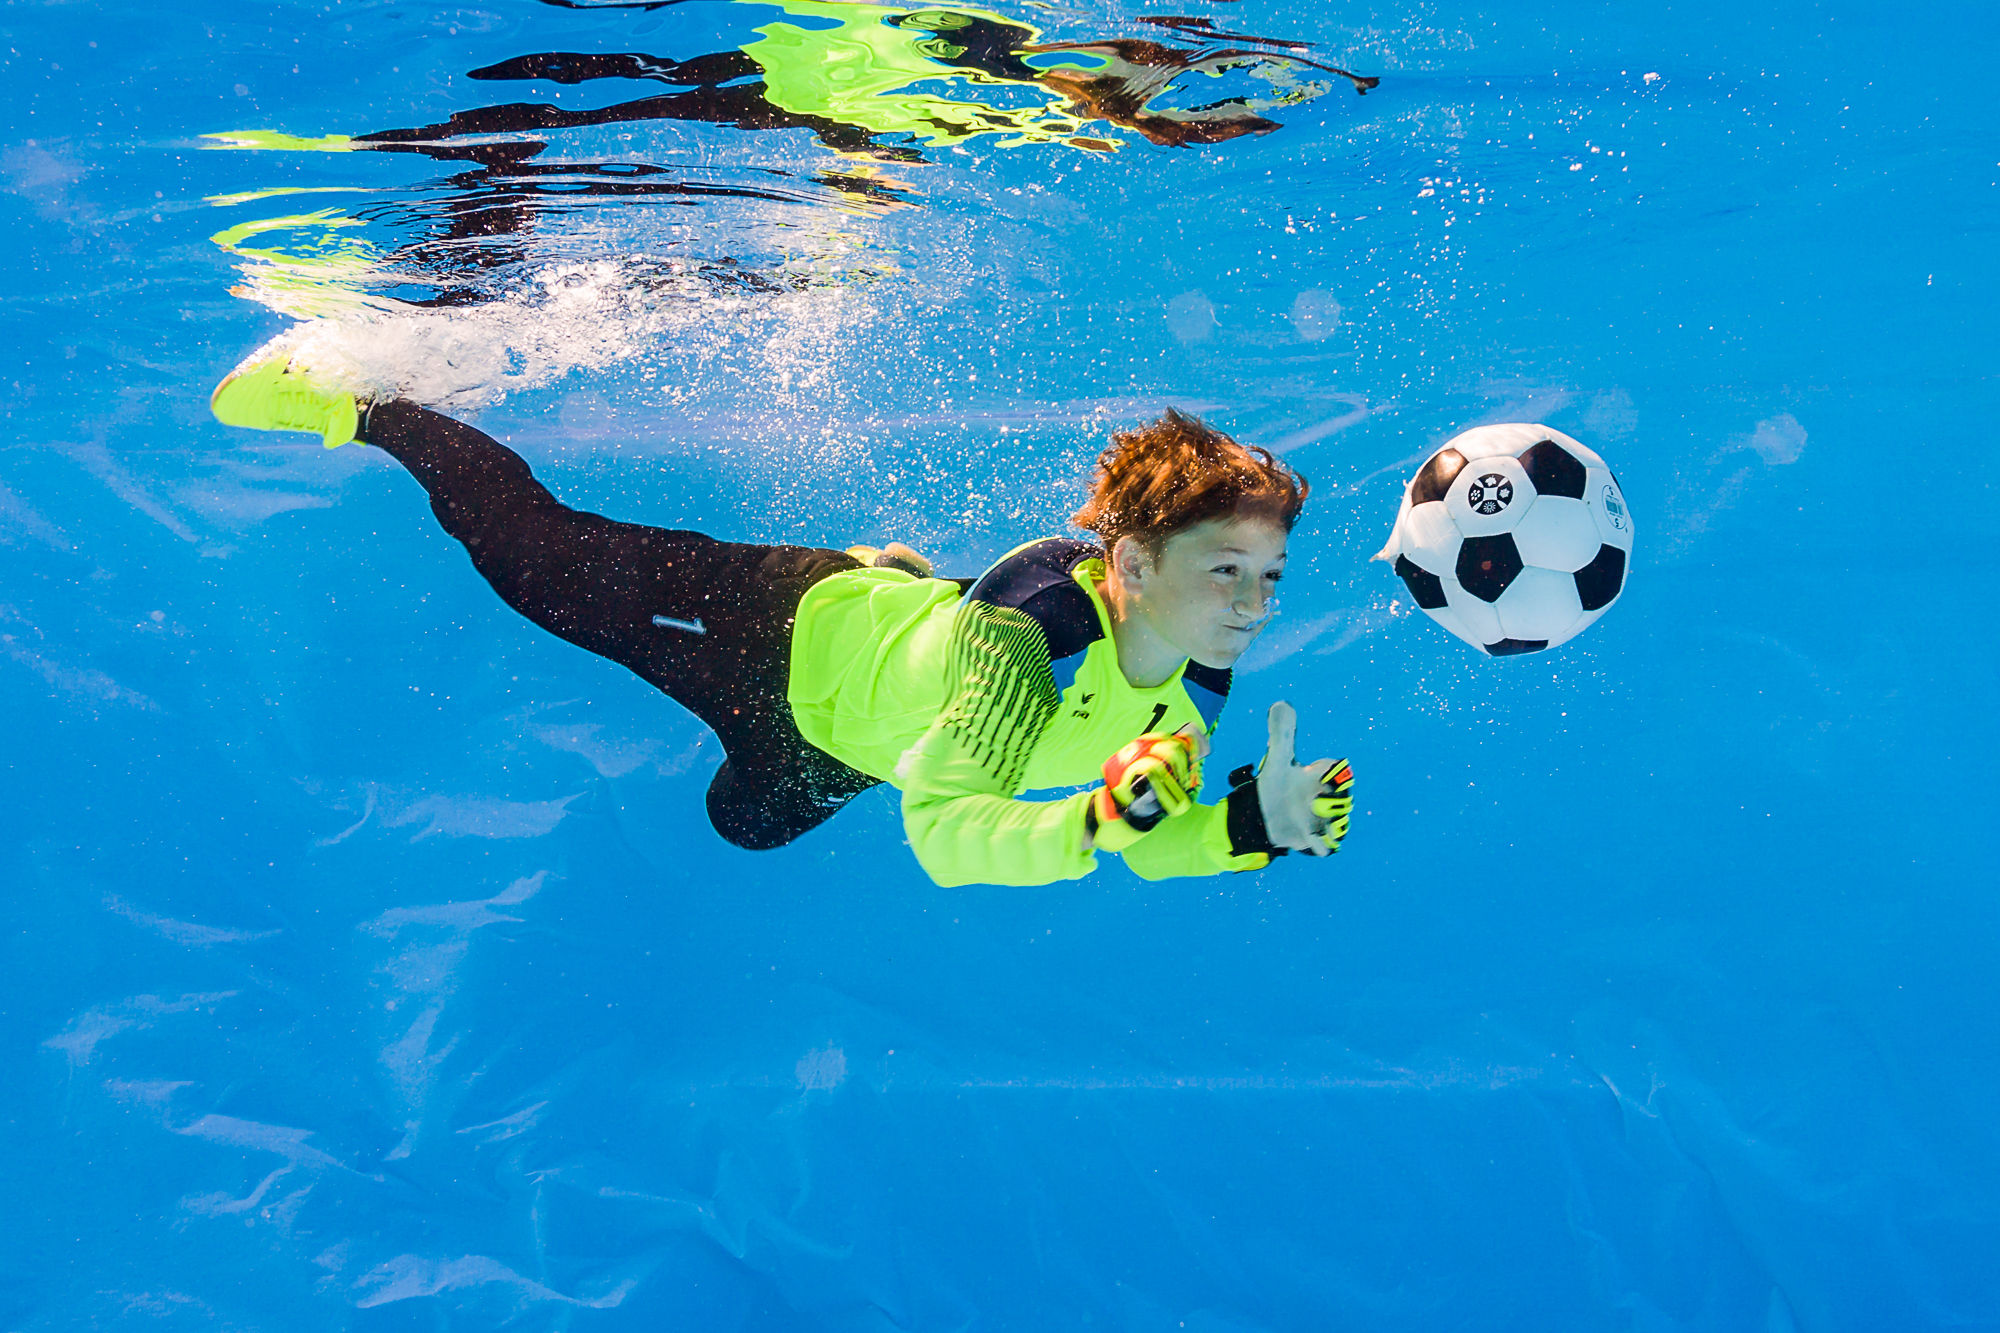 Fotbalový brankář pod vodou